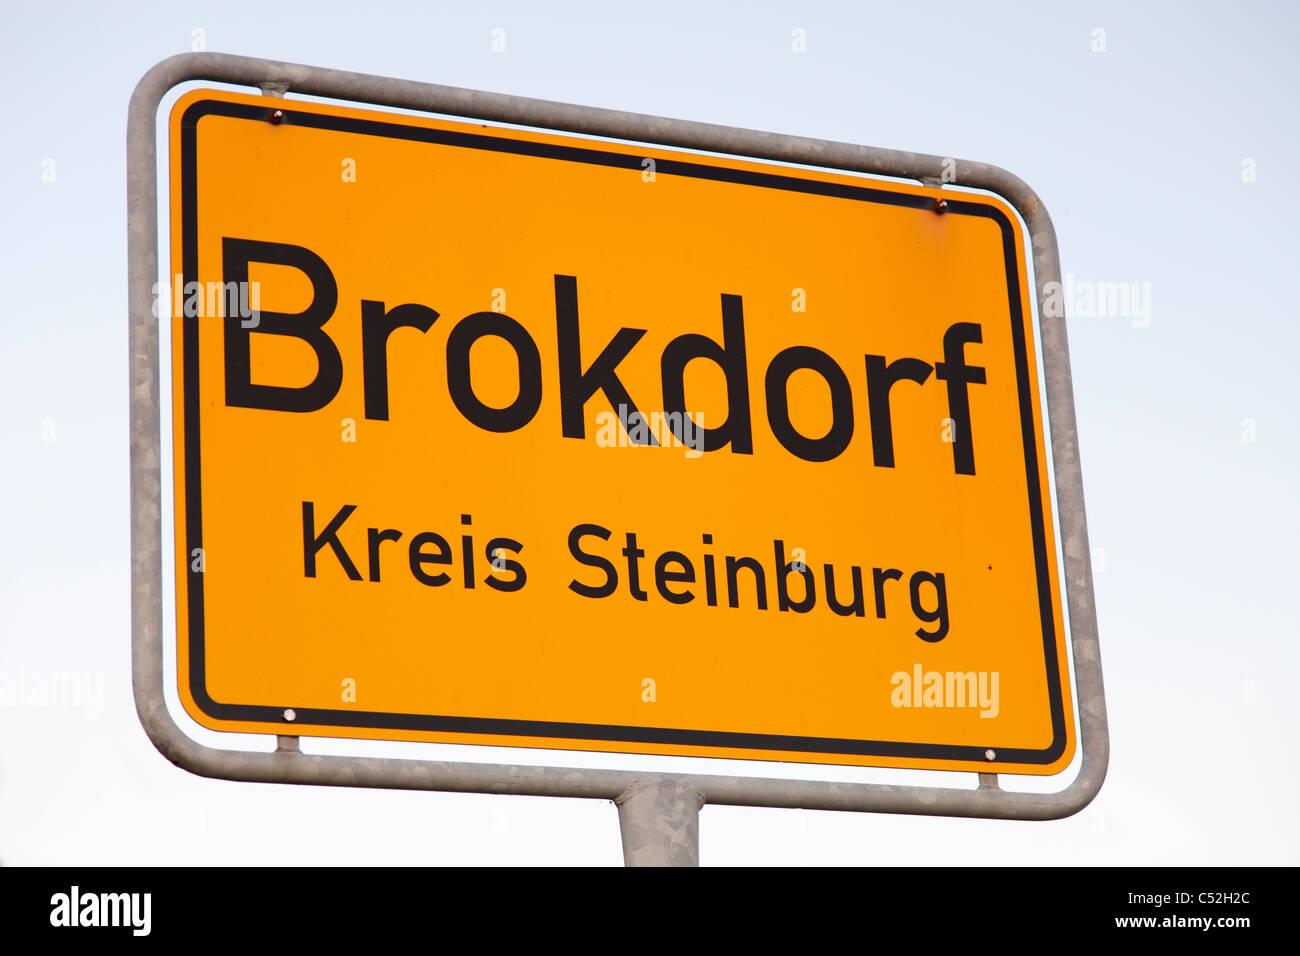 Brokdorf sign; Ortseingangsschild von Brokdorf - Stock Image